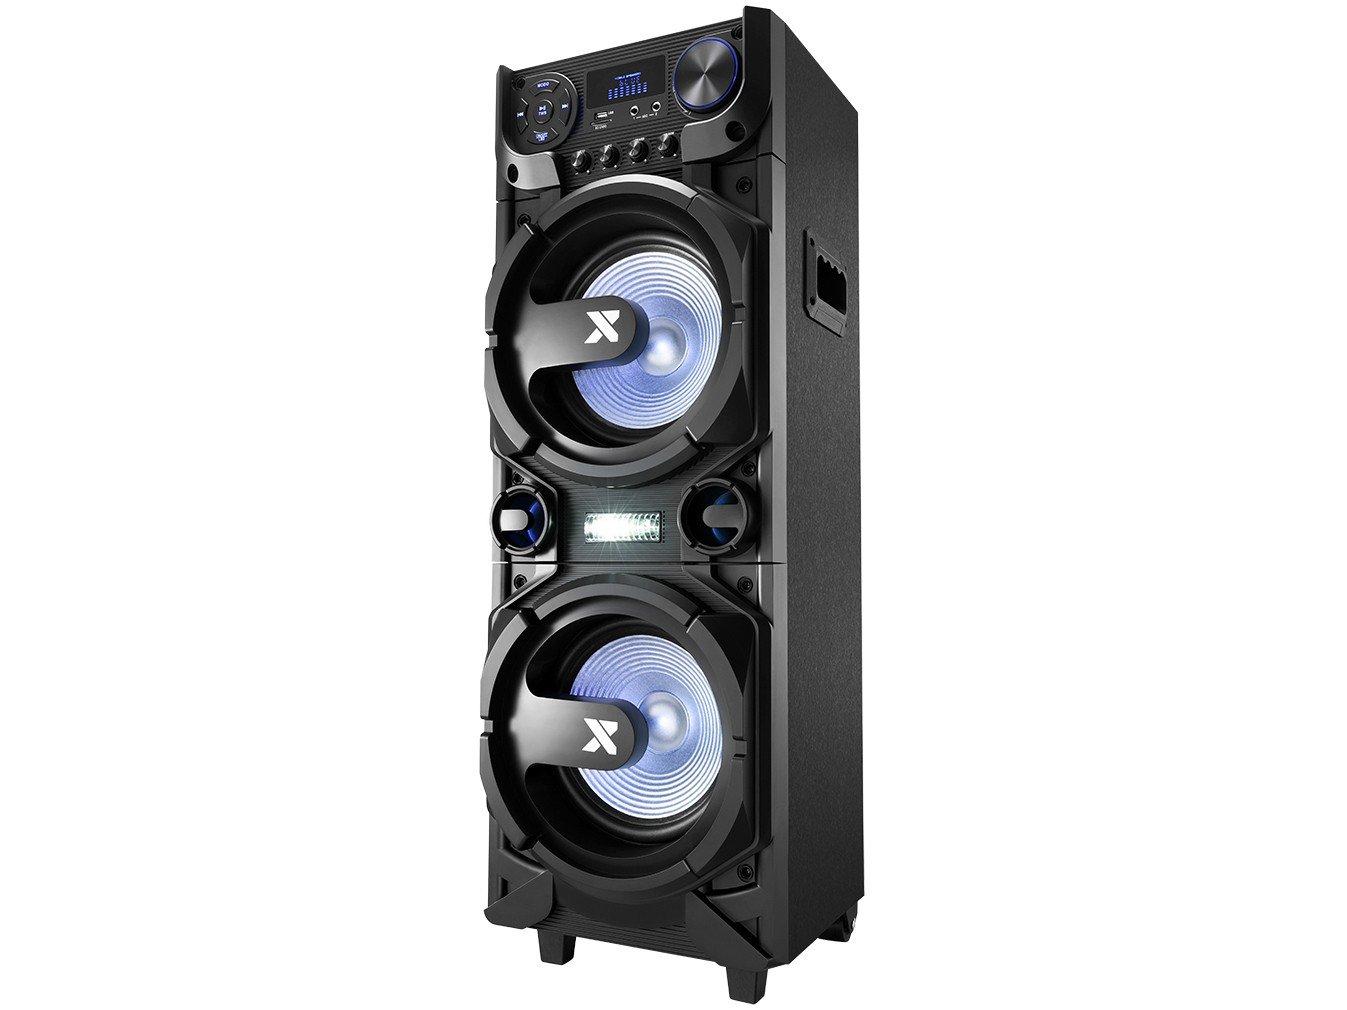 Caixa de Som Amplificada Multiuso Lenoxx CA-5000 com Bluetooth, Rádio FM, Entrada USB, SD e Card - 1000W - 7